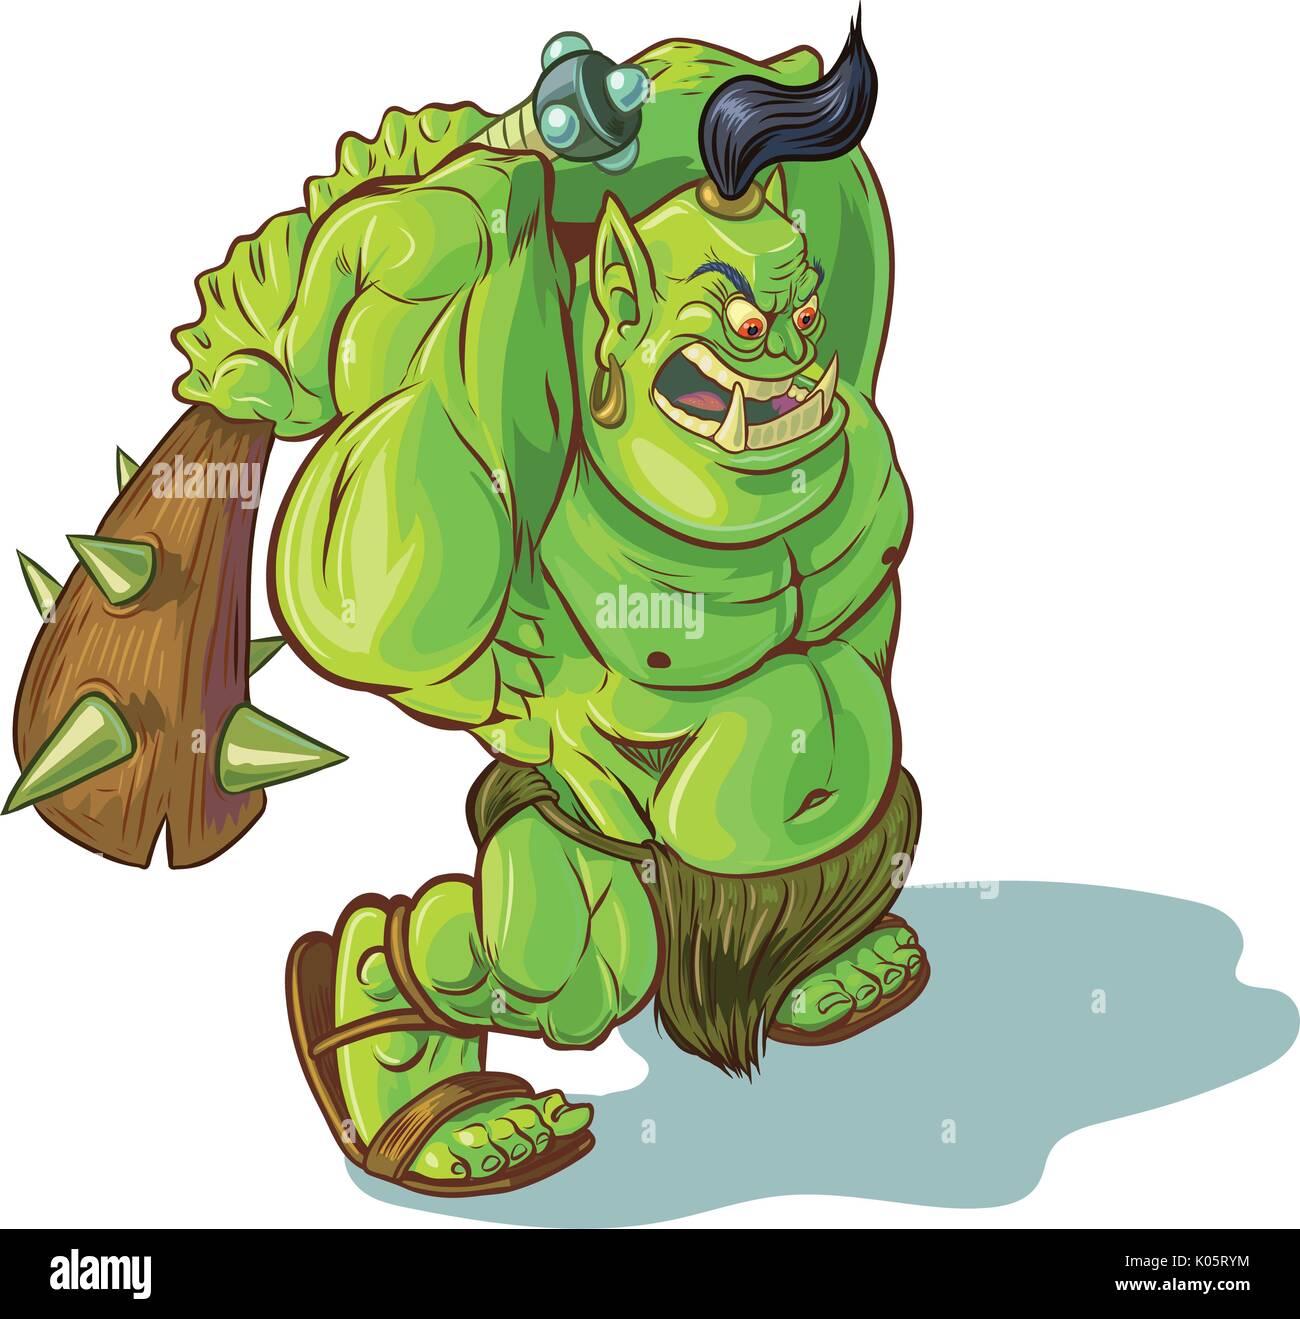 Trolls orcs ogres goblins and gremlins monster girls